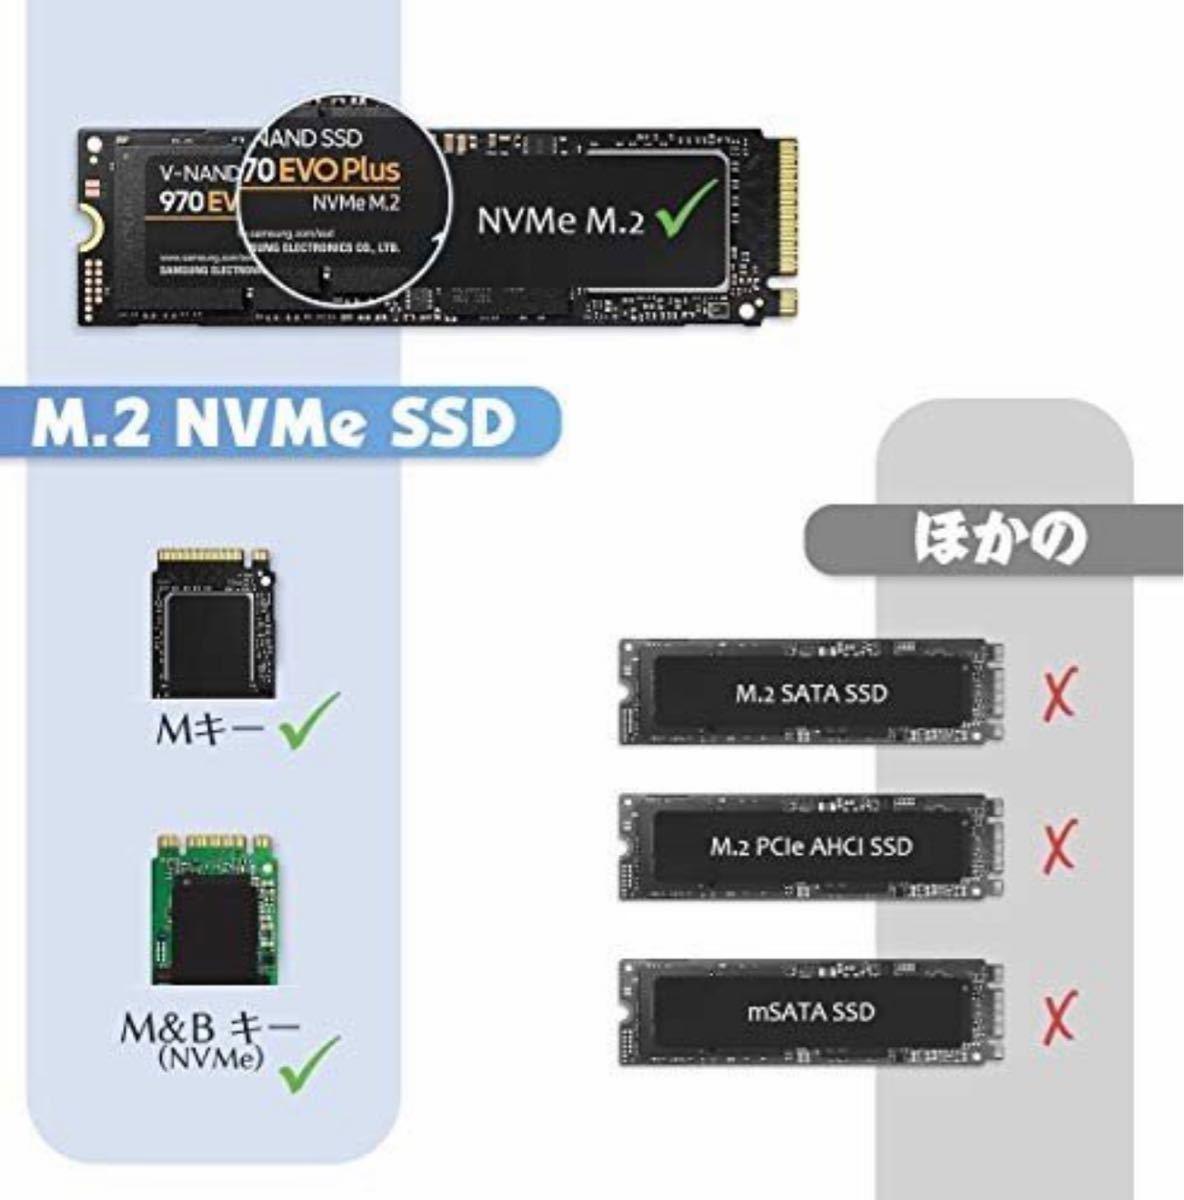 USB C 3.1 SSD ケース M.2 NVMe 外付けSSD 変換アダプタ UASPサポート